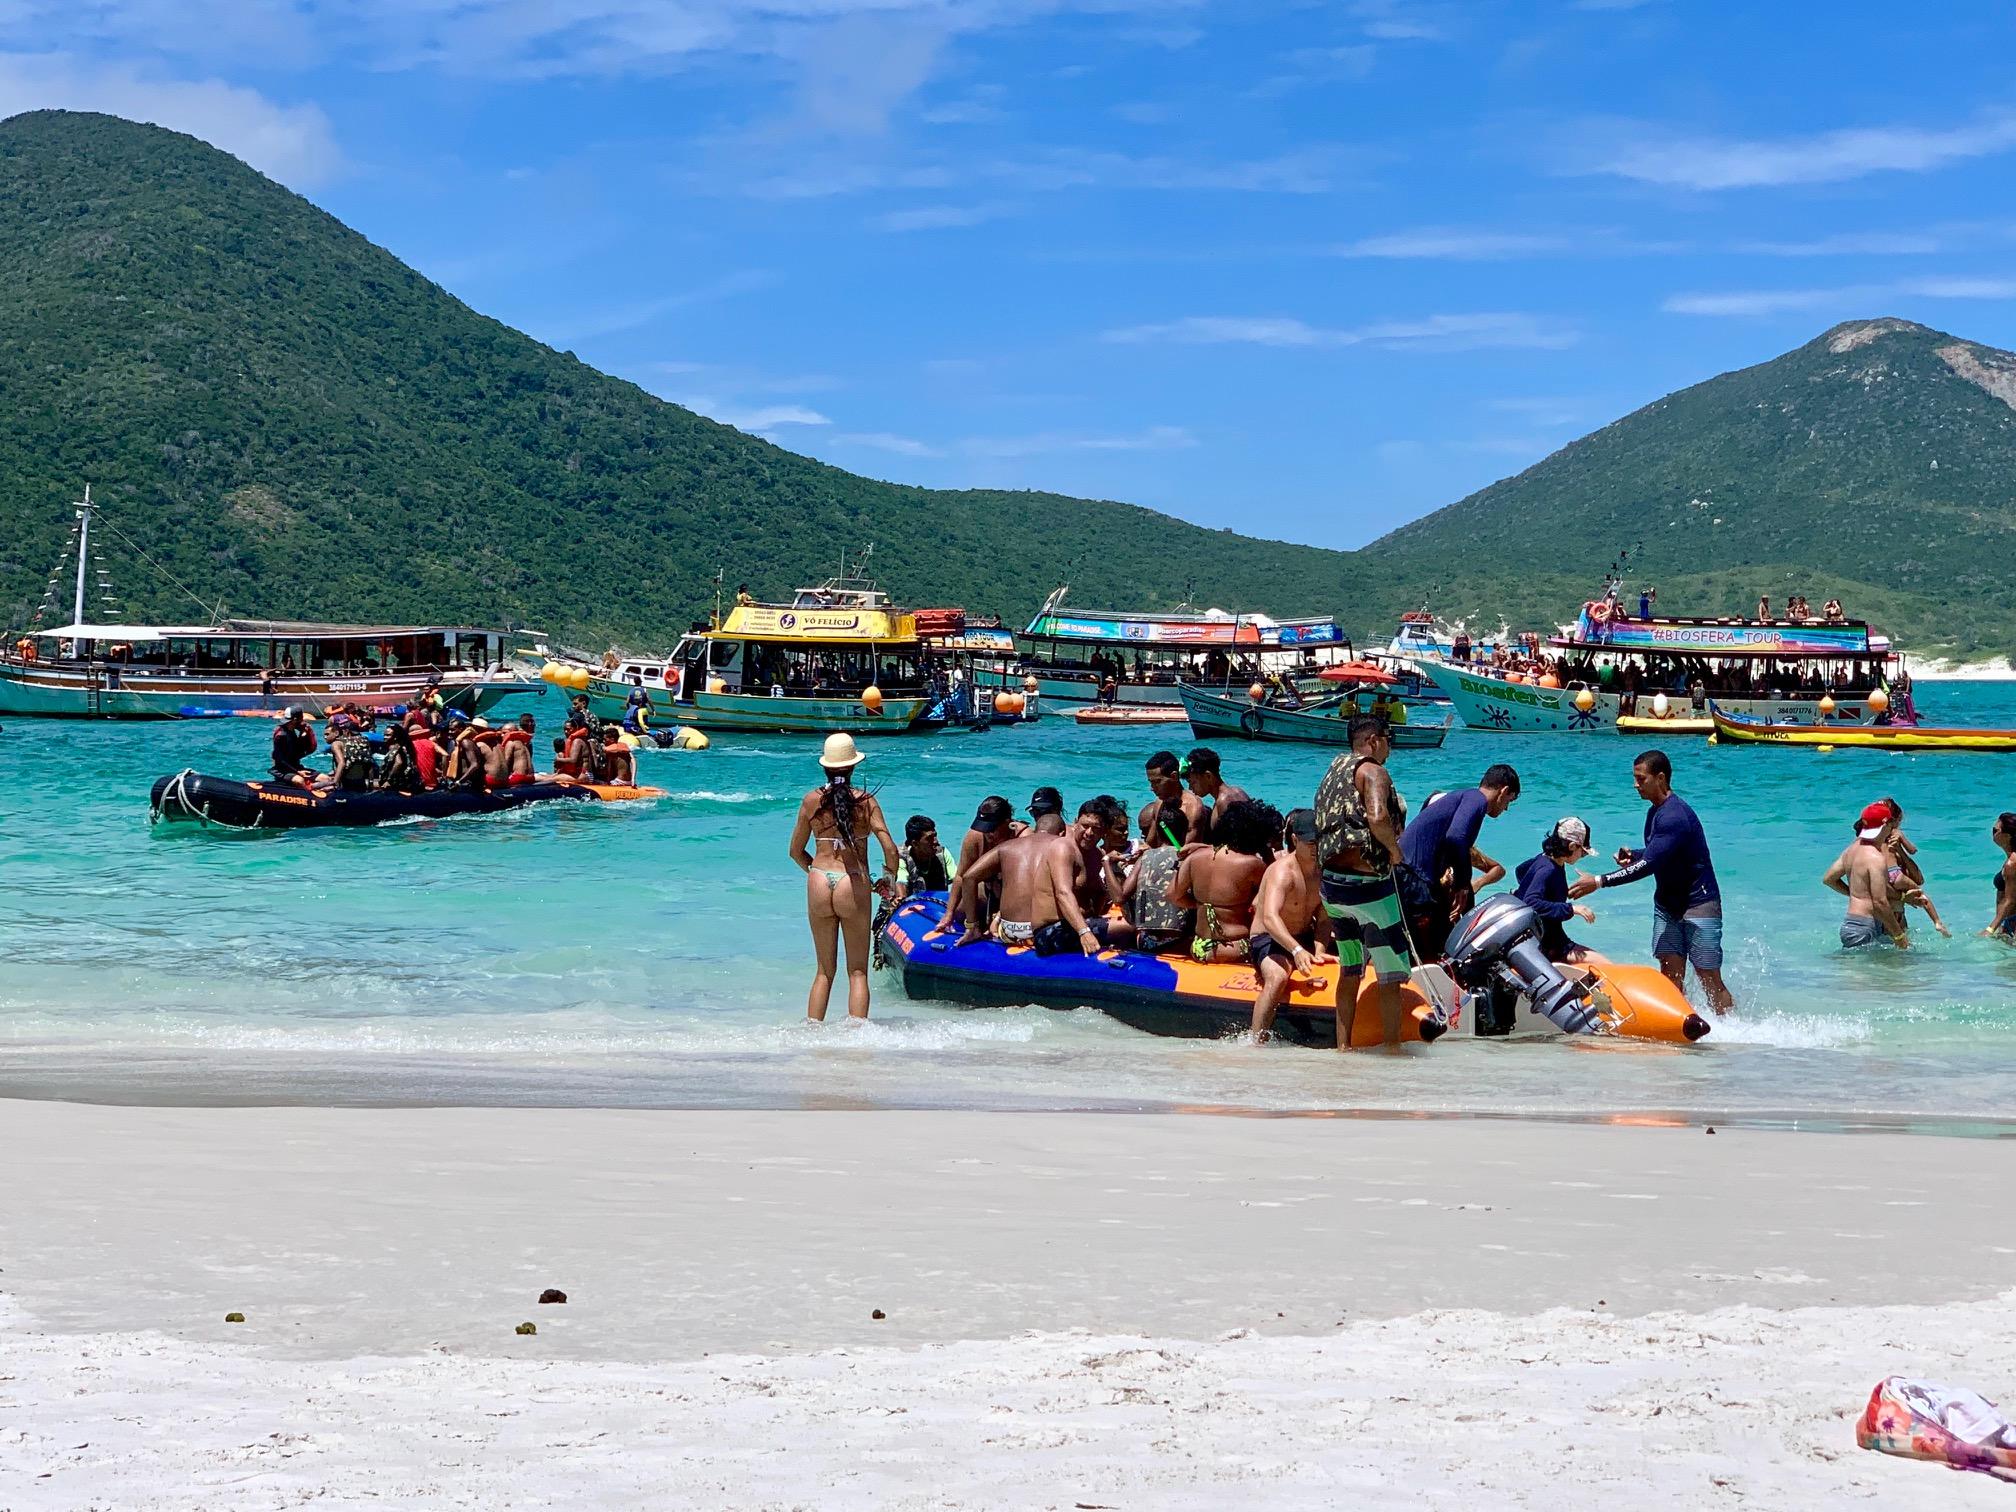 Paseos en Barco en Arraial do Cabo (Brasil)